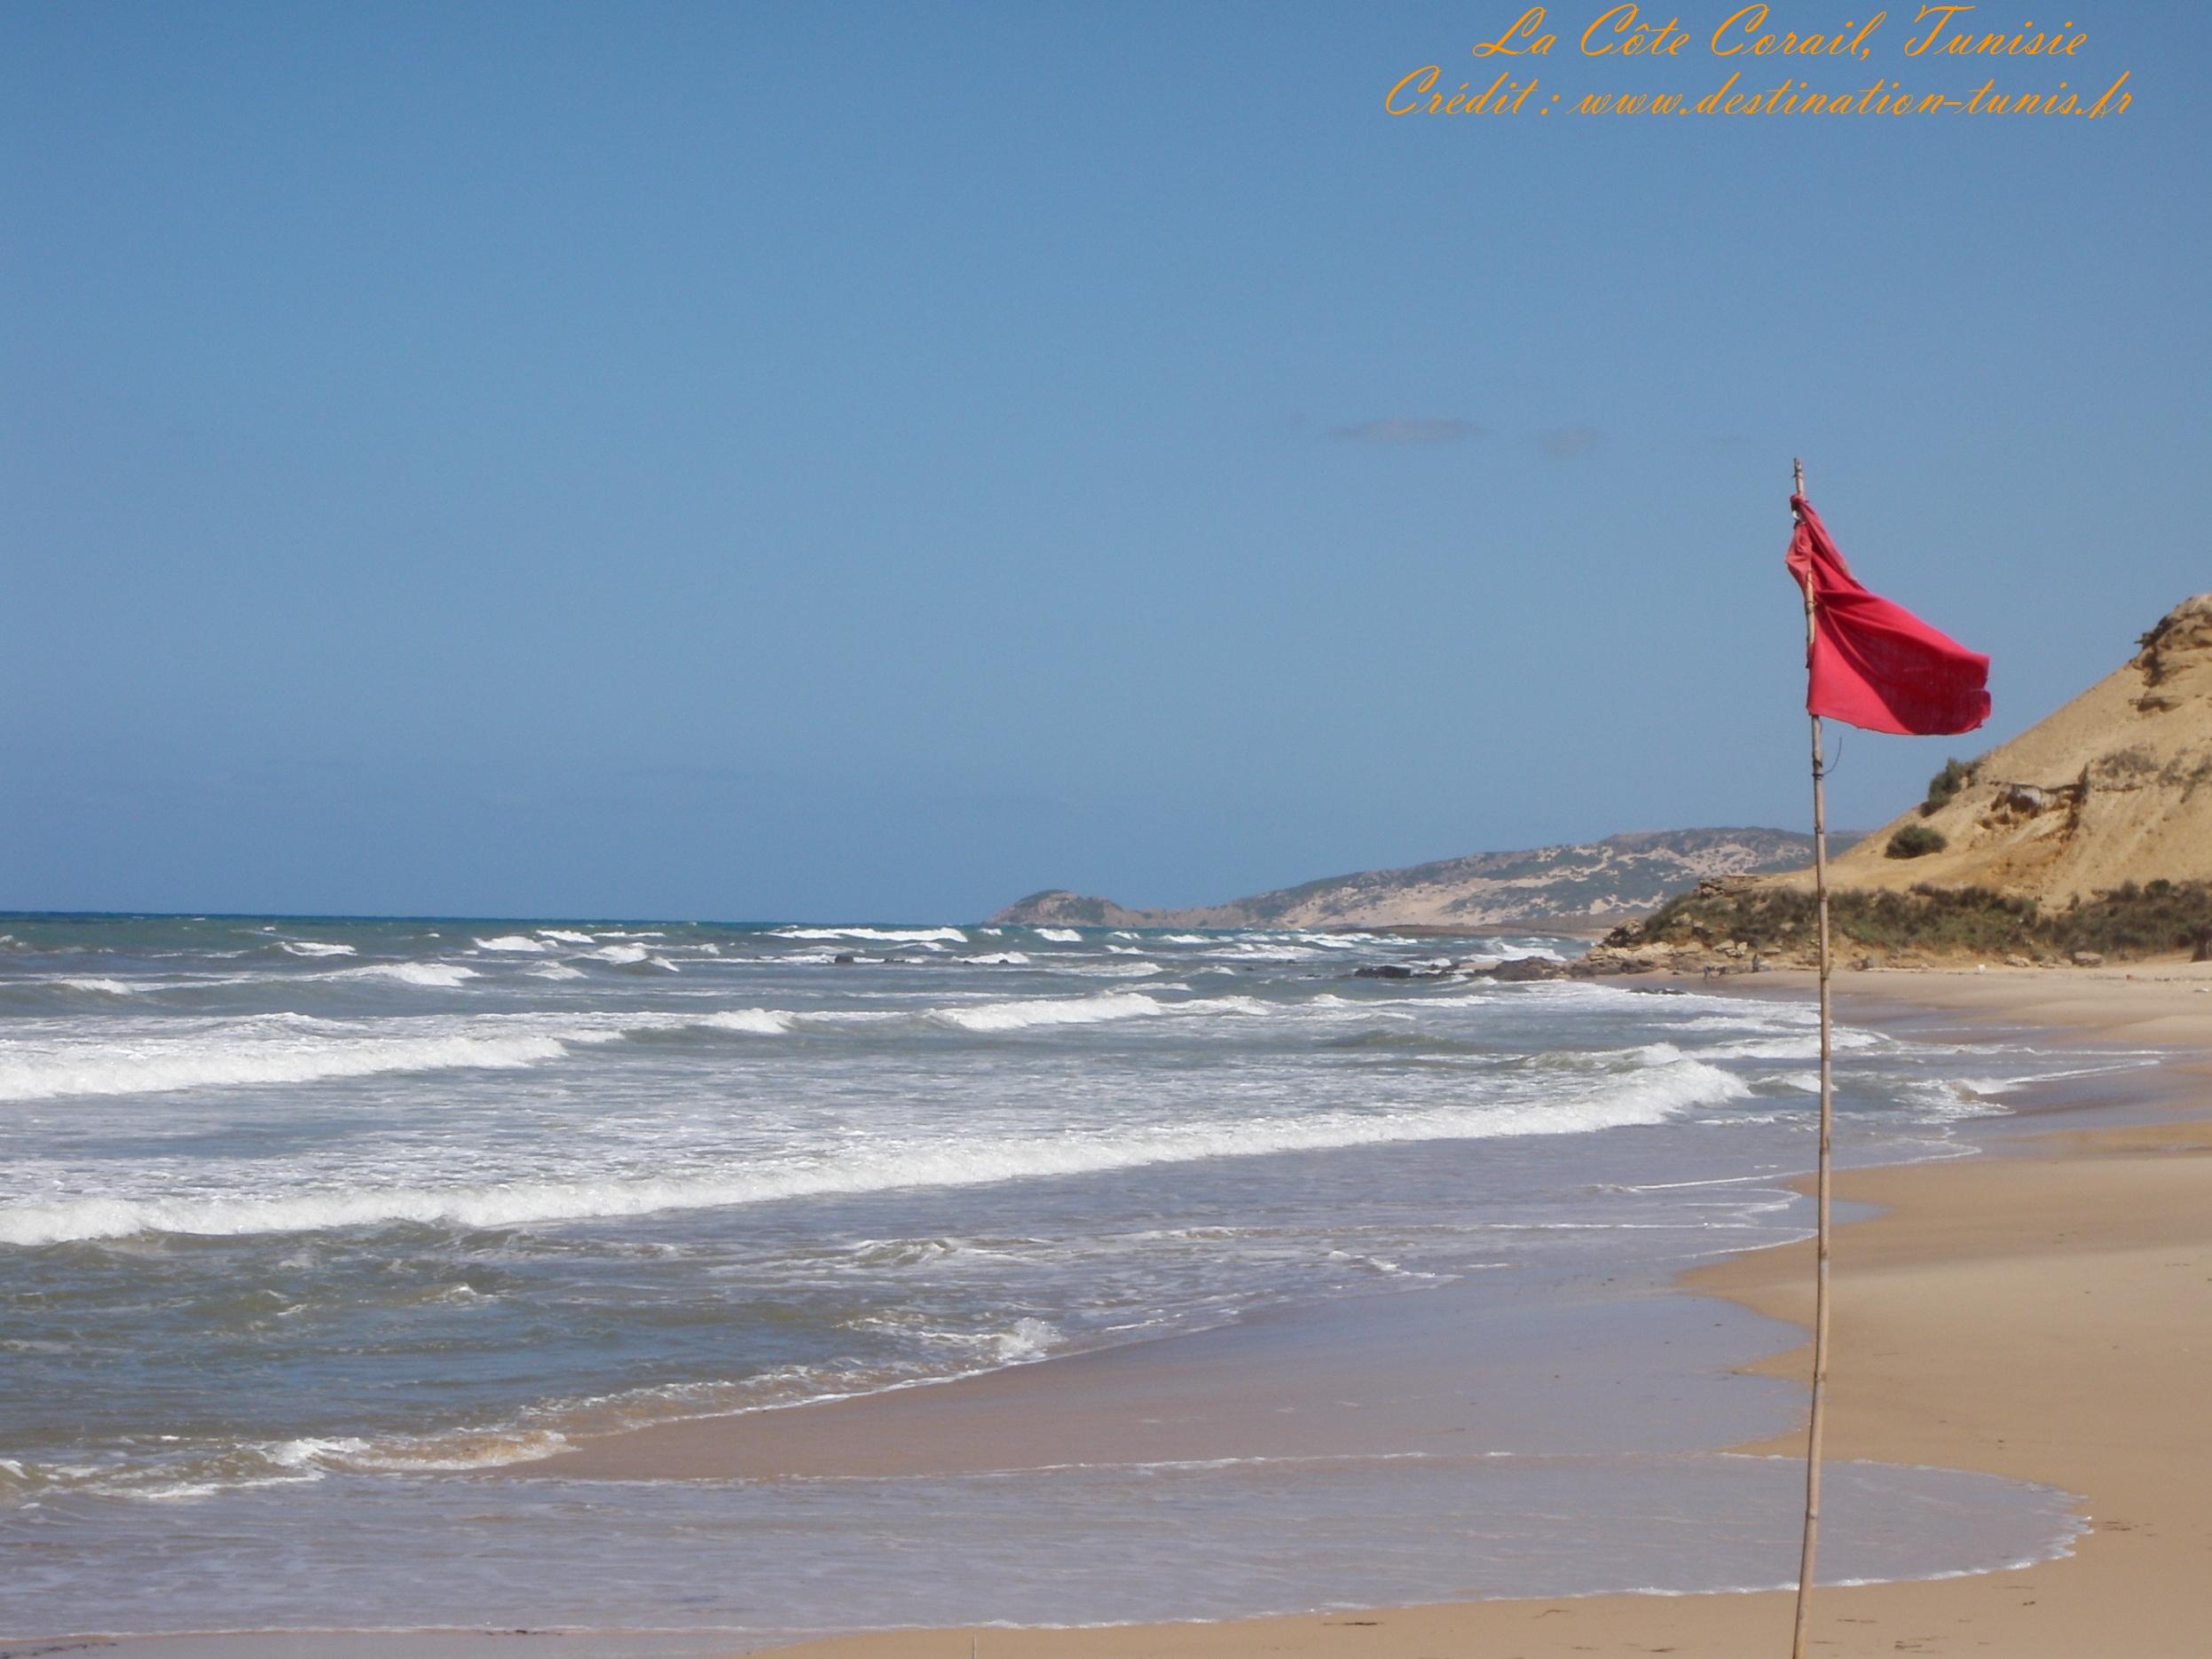 Fonds d'écran Mer et Plages Mer Cap Serrat